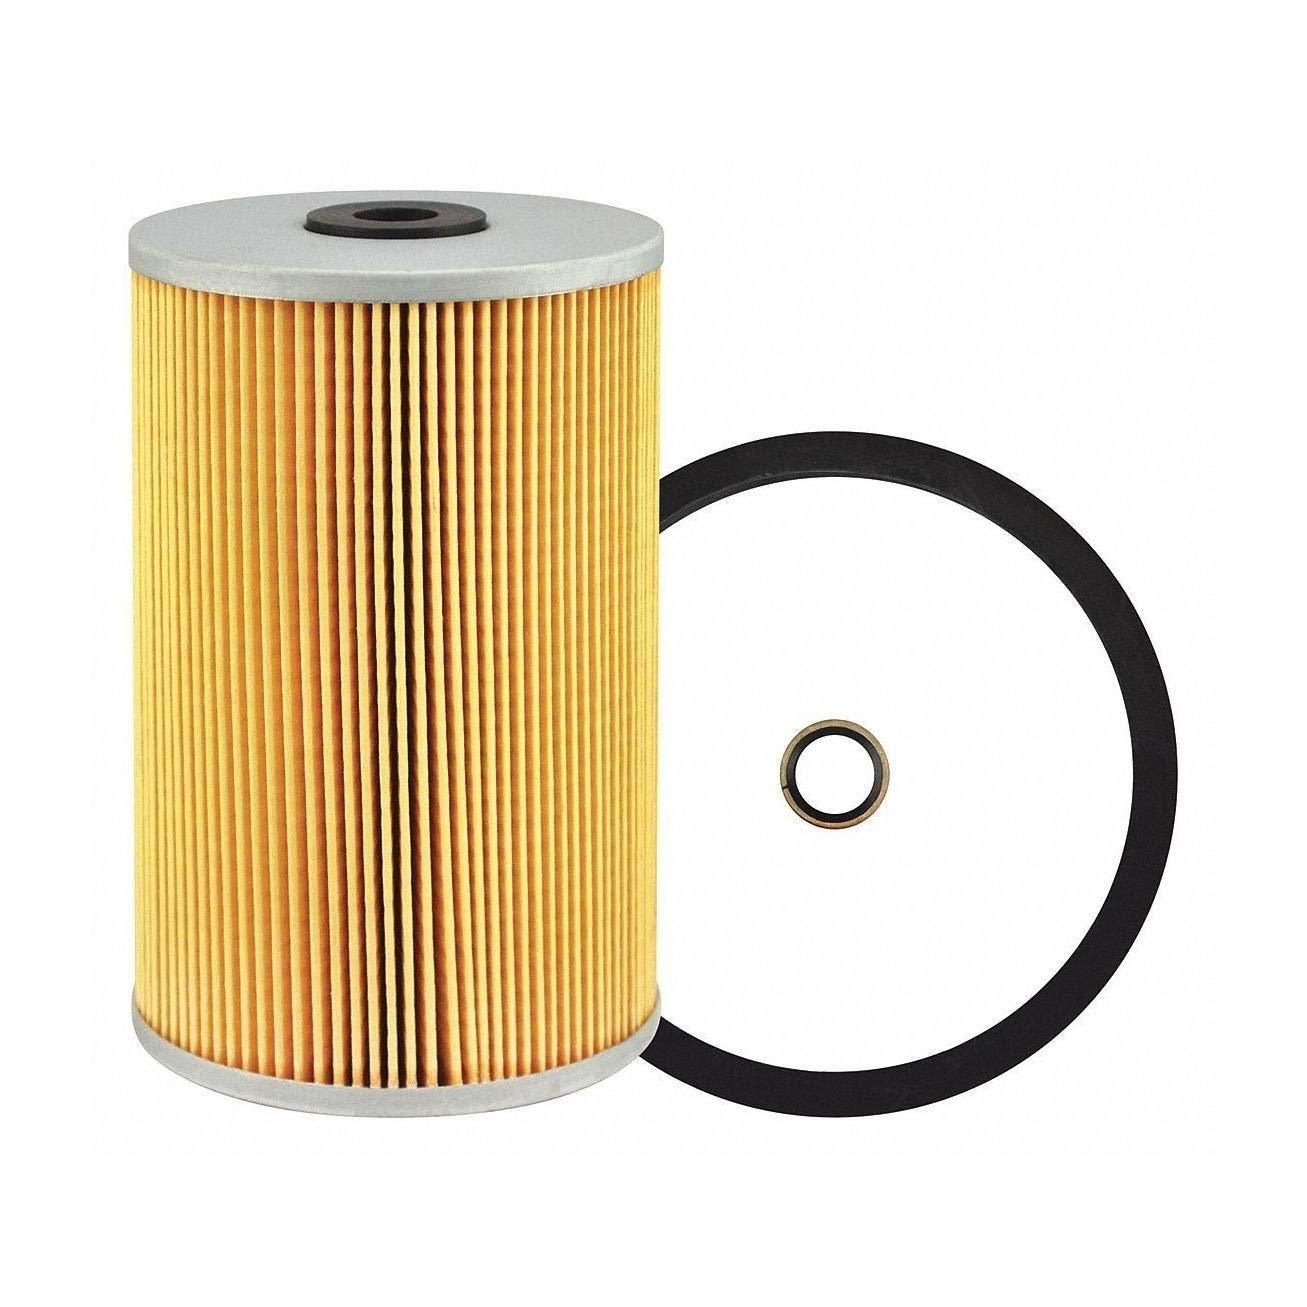 Baldwin Filters PF7583 Heavy Duty Fuel Filter 5-9//16 x 3-19//32 x 5-9//16 In